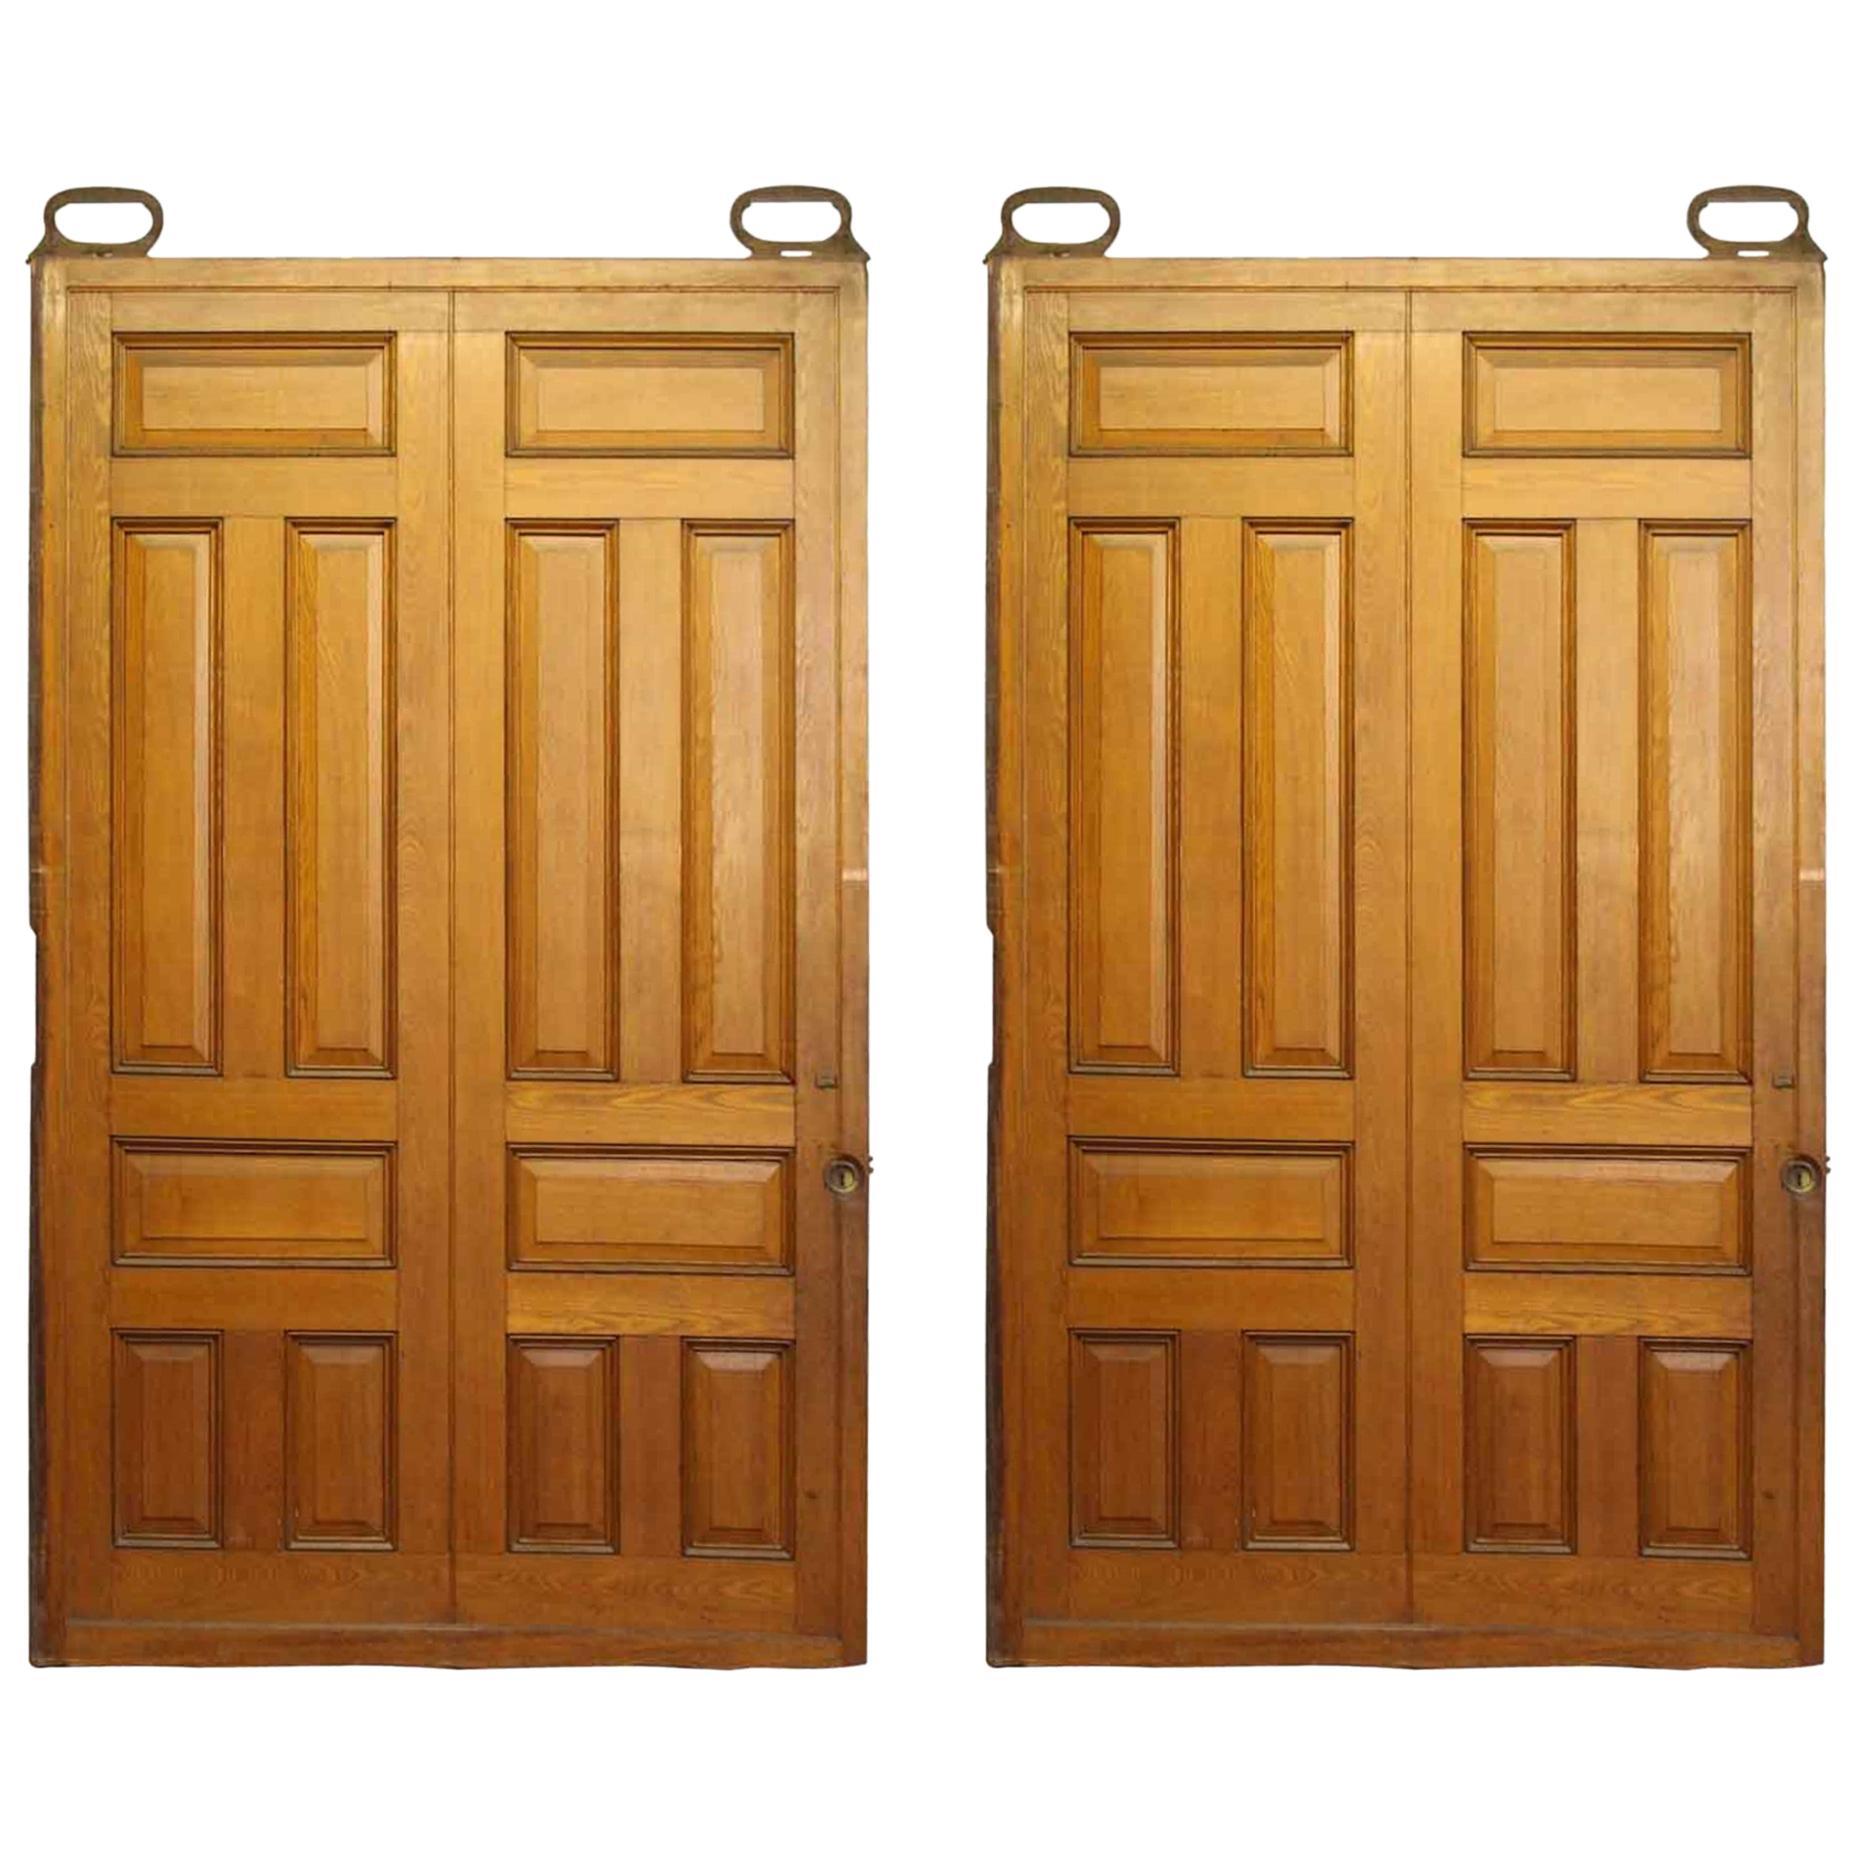 1900s Pair of Antique 6 Panel Oak Pocket Doors